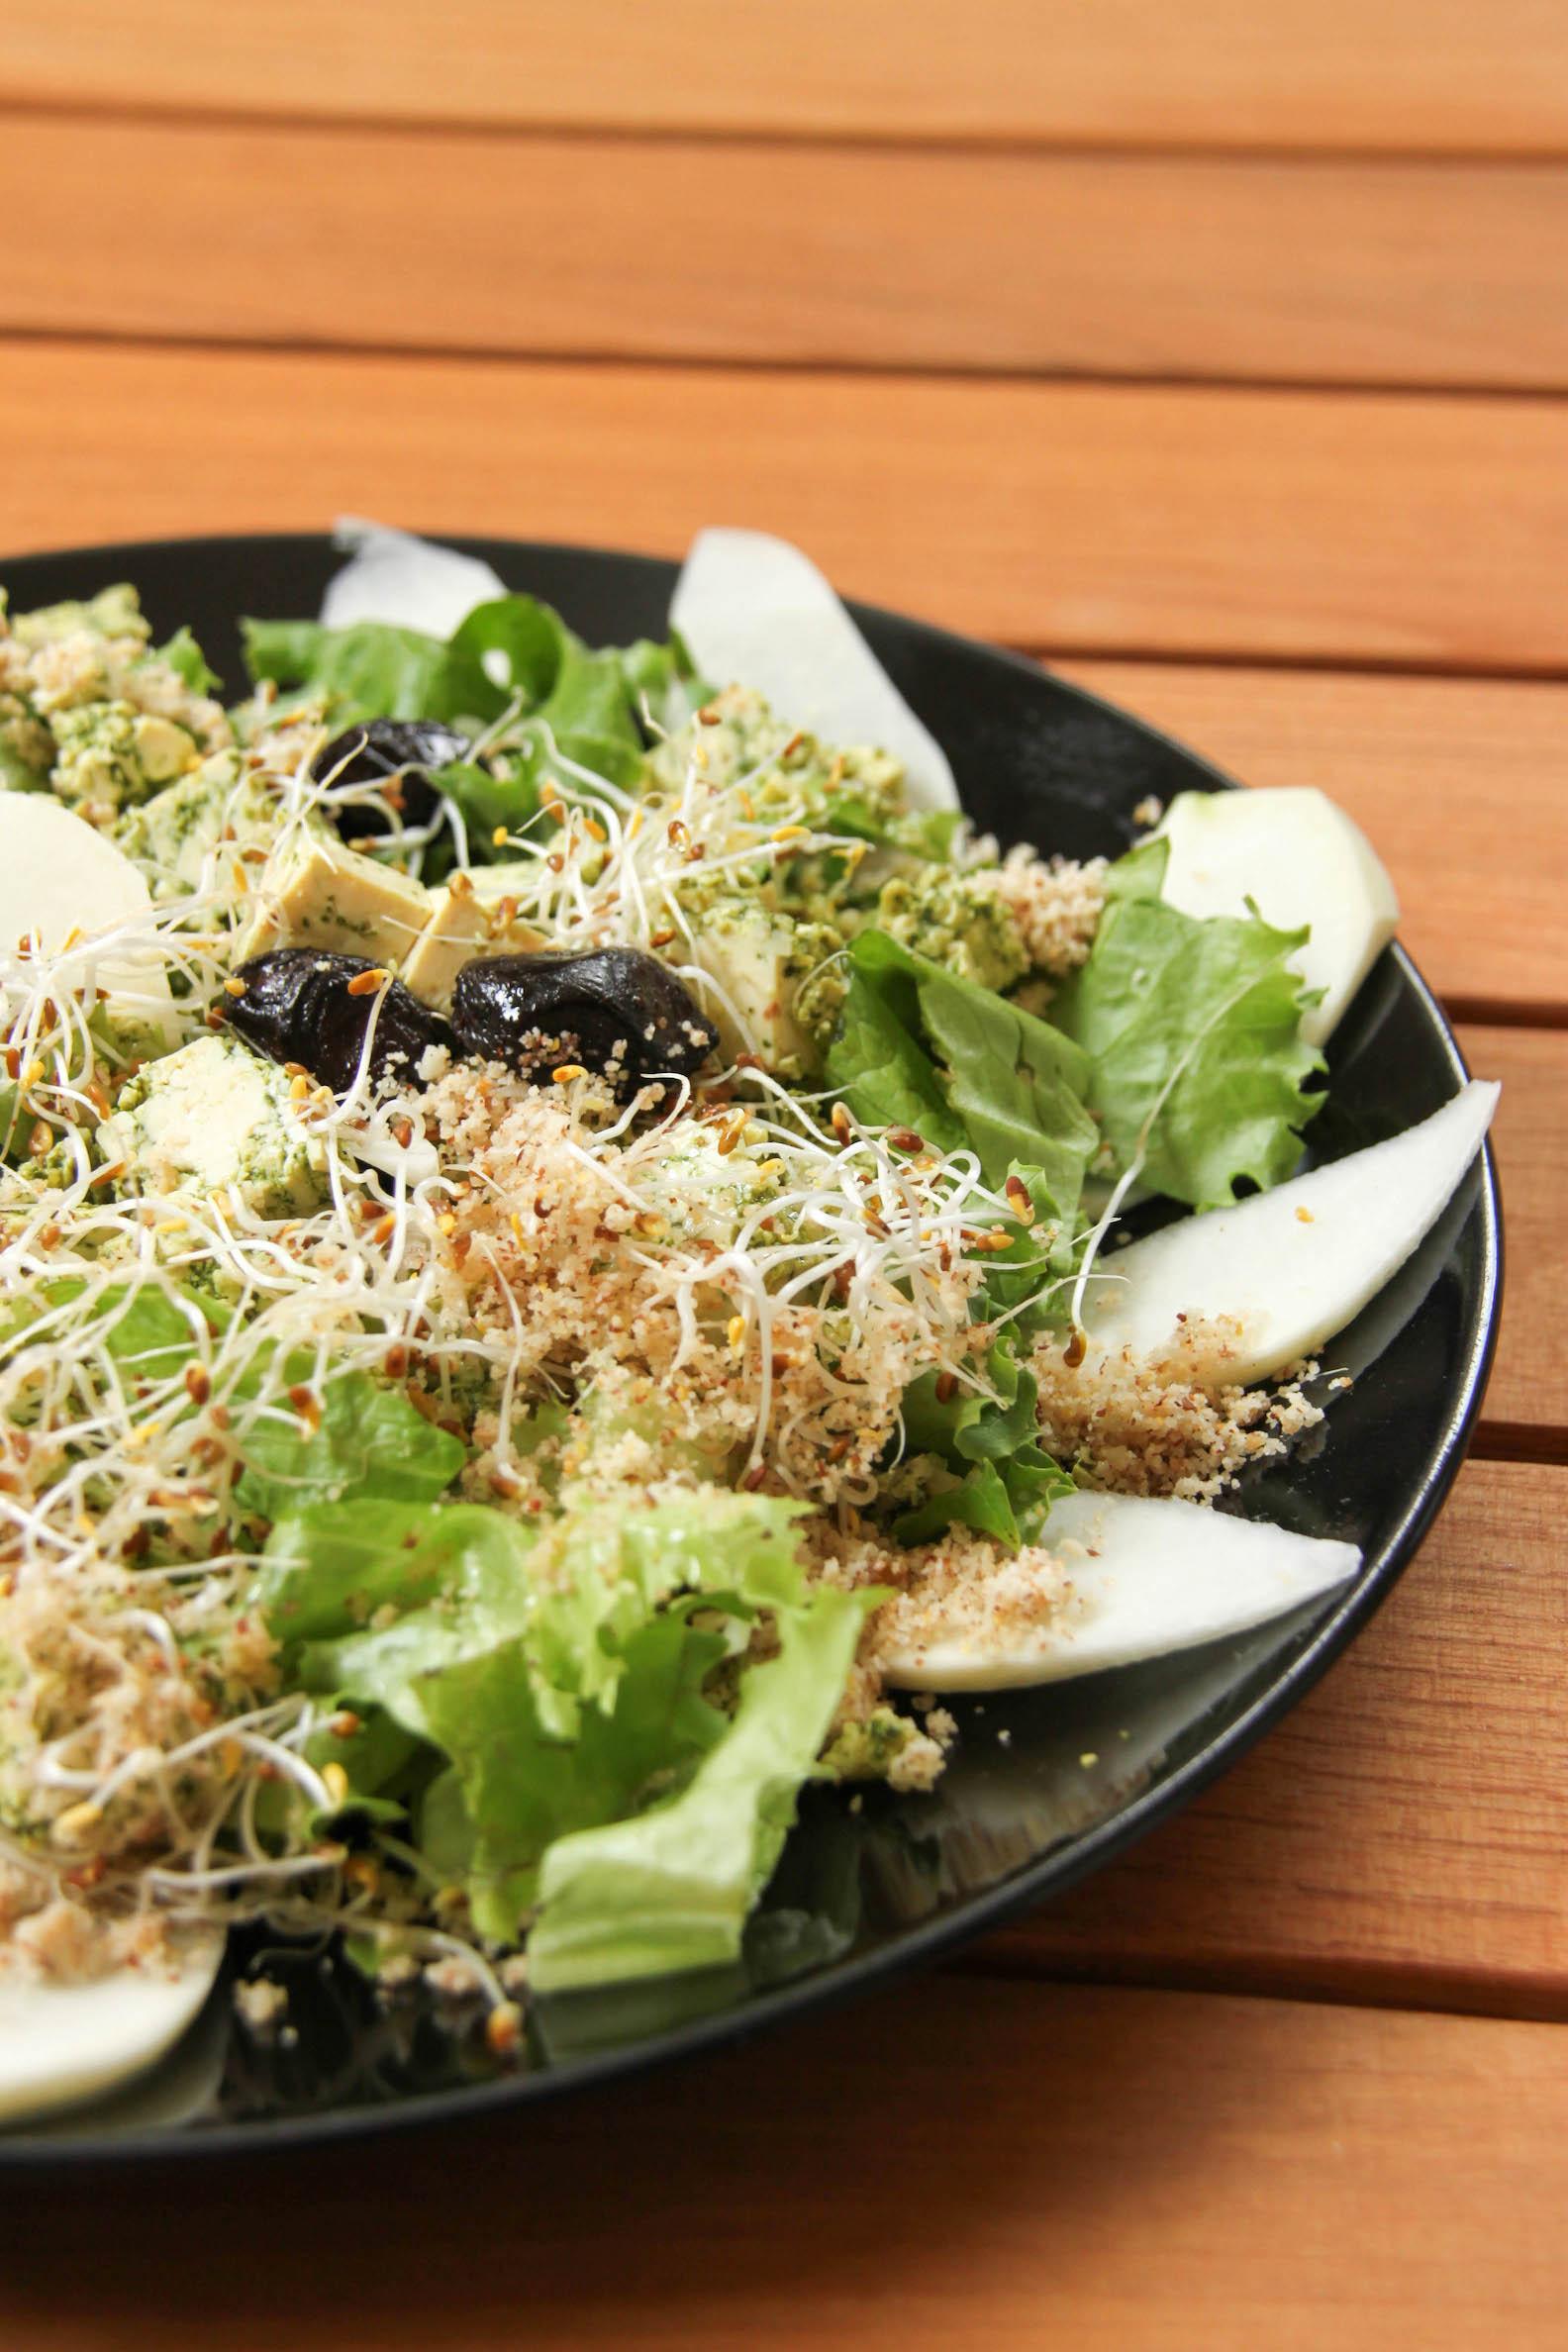 Salade vegan au tofu lactofermenté